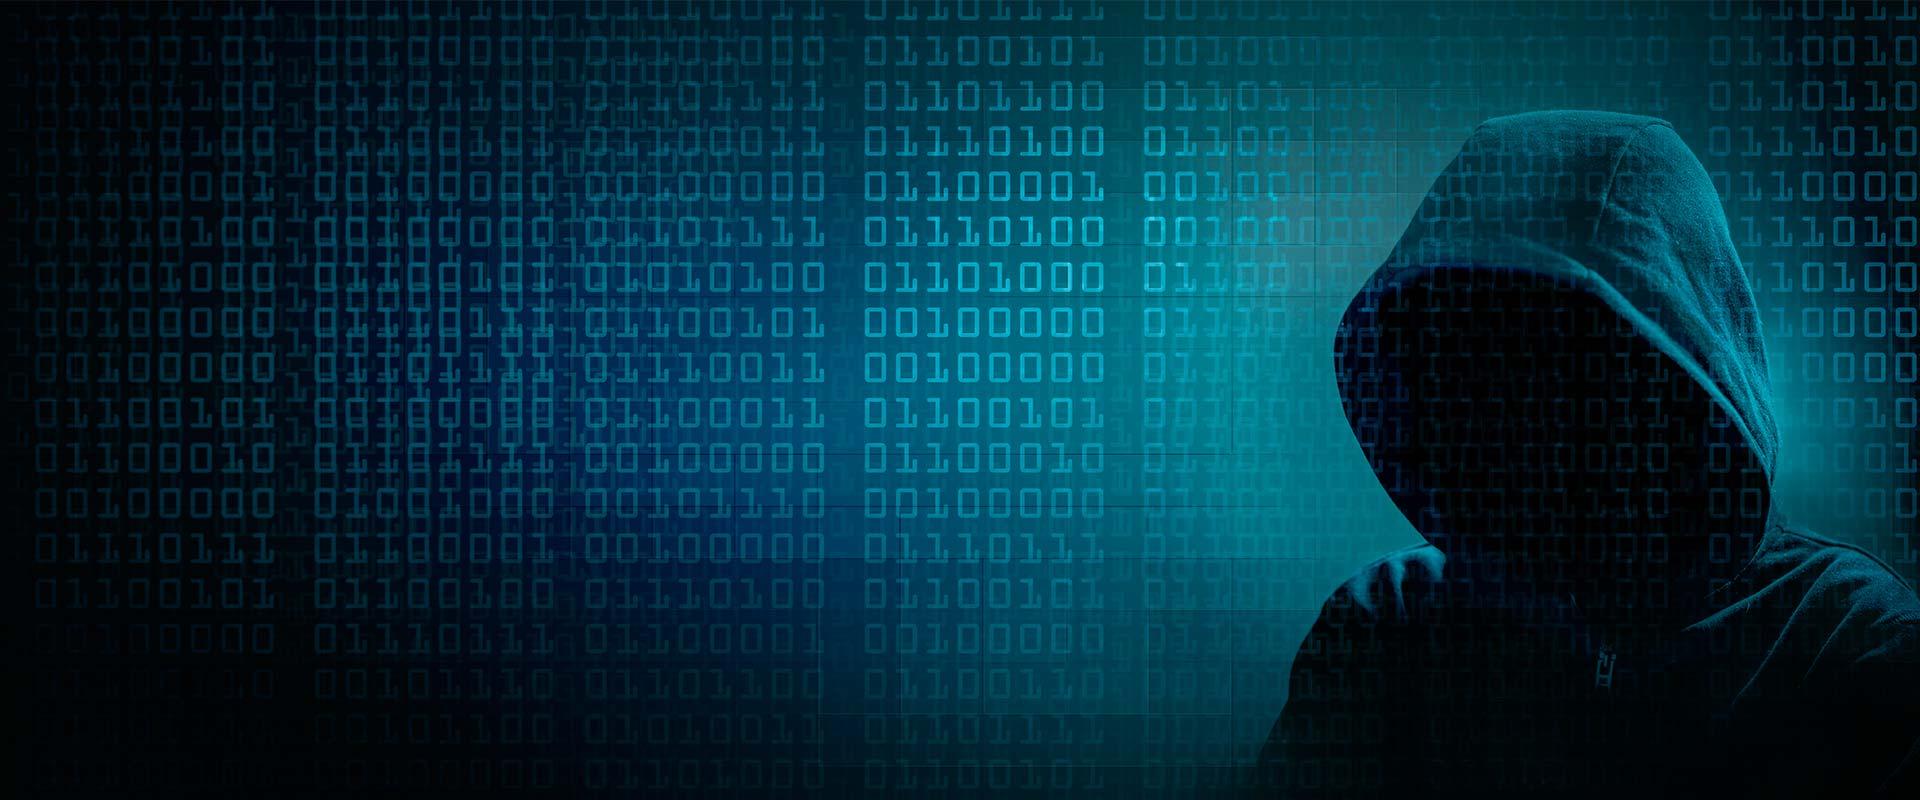 Image result for hacker banner